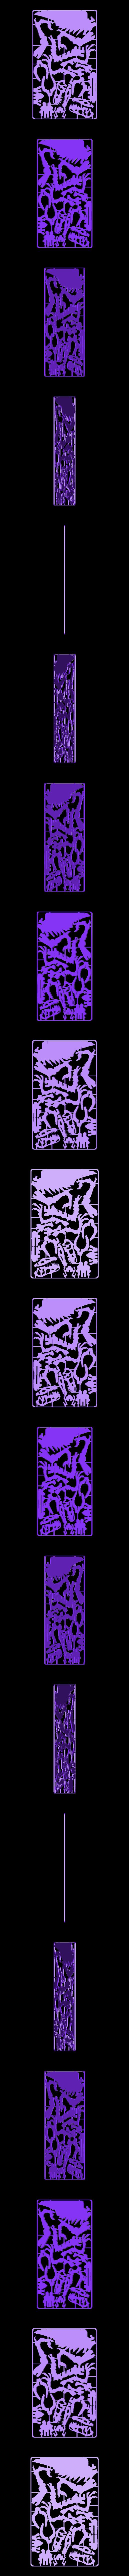 FinalCardmirror.stl Télécharger fichier STL gratuit Carte de visite Velociraptor • Design imprimable en 3D, Mathorethan